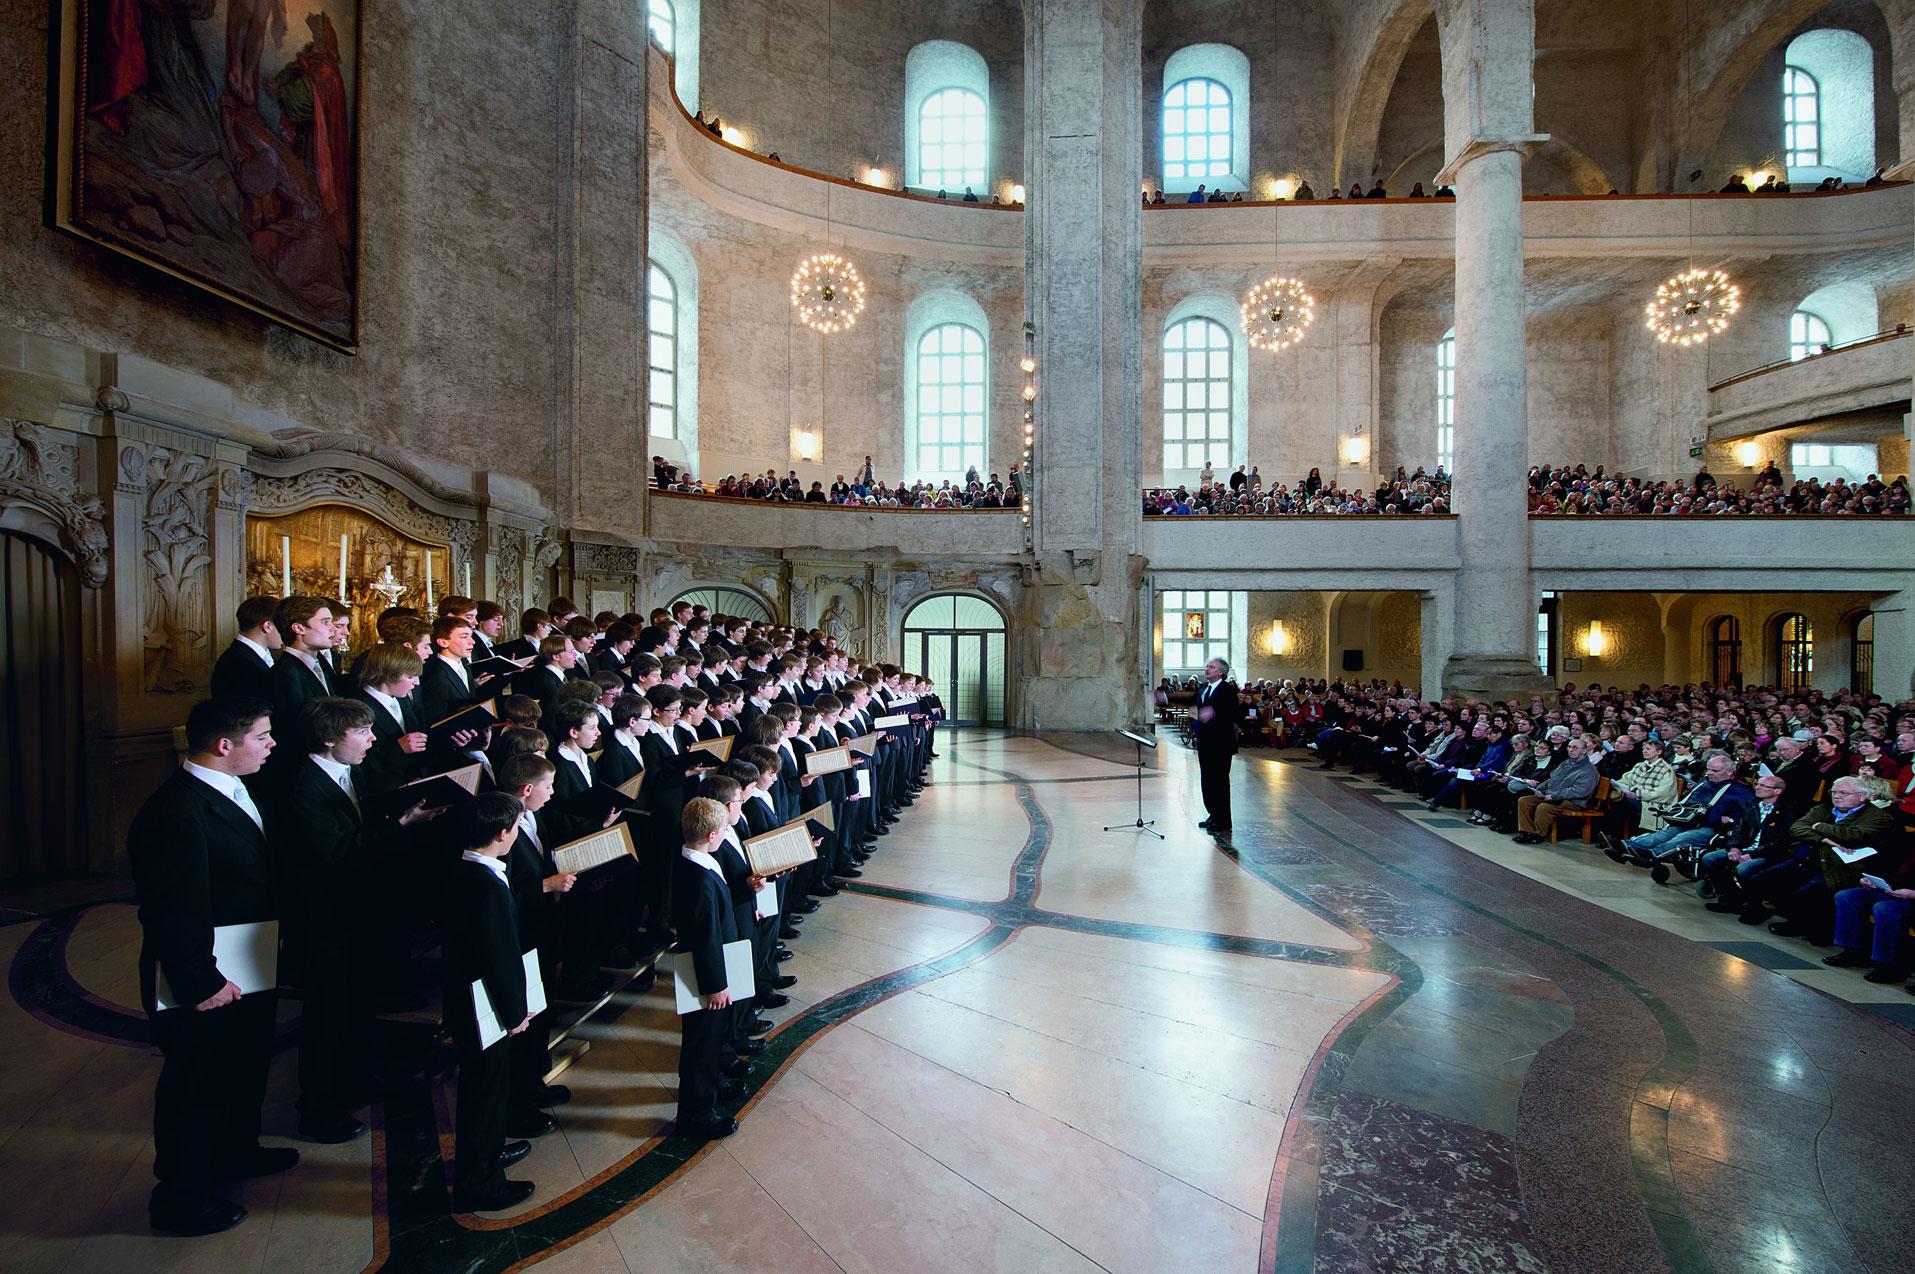 Dresden Kreuz Choir - photo by Matthais Krueger